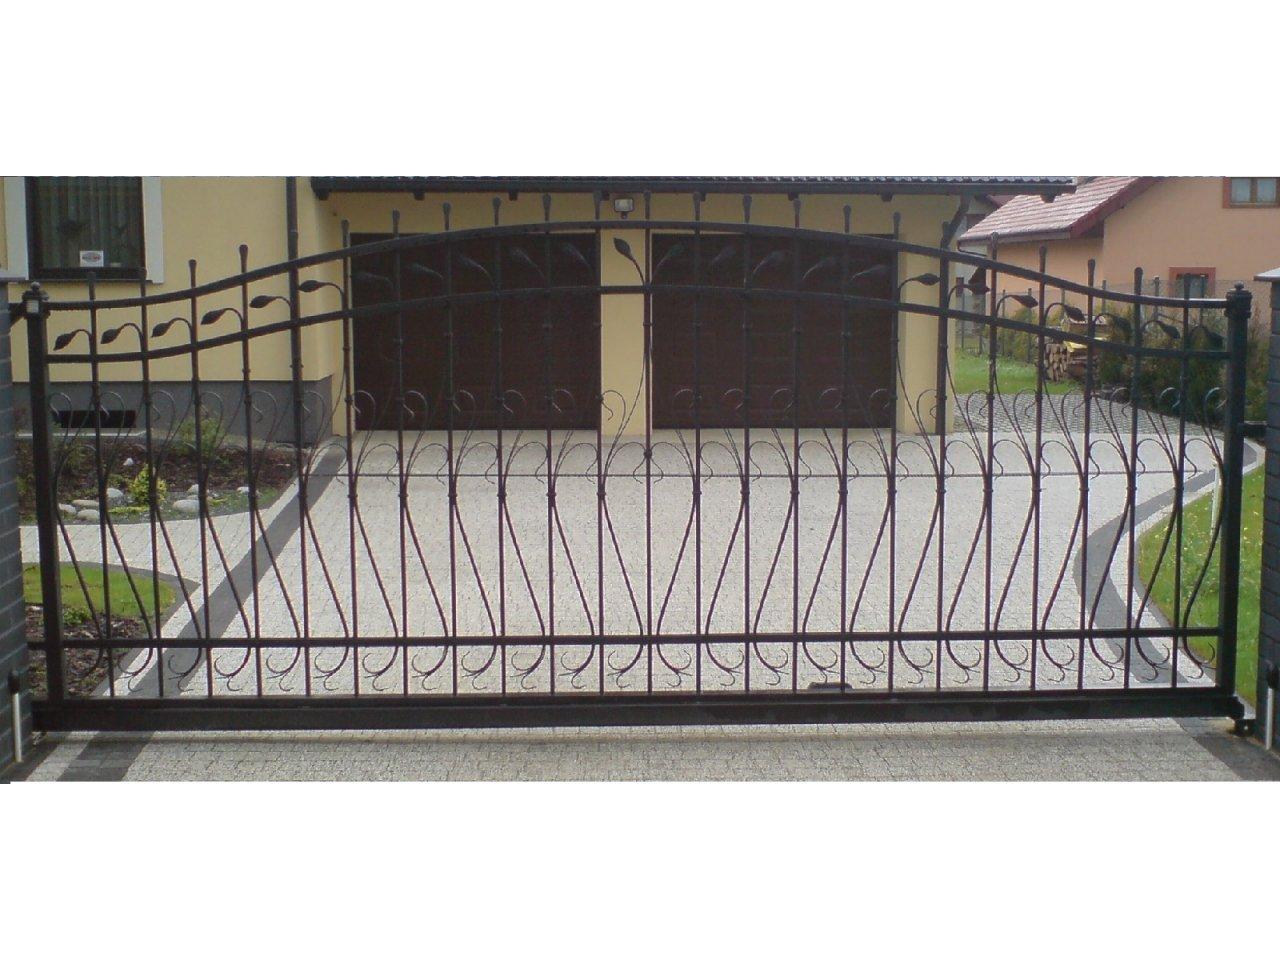 Brama Kuta Uchylna BU99